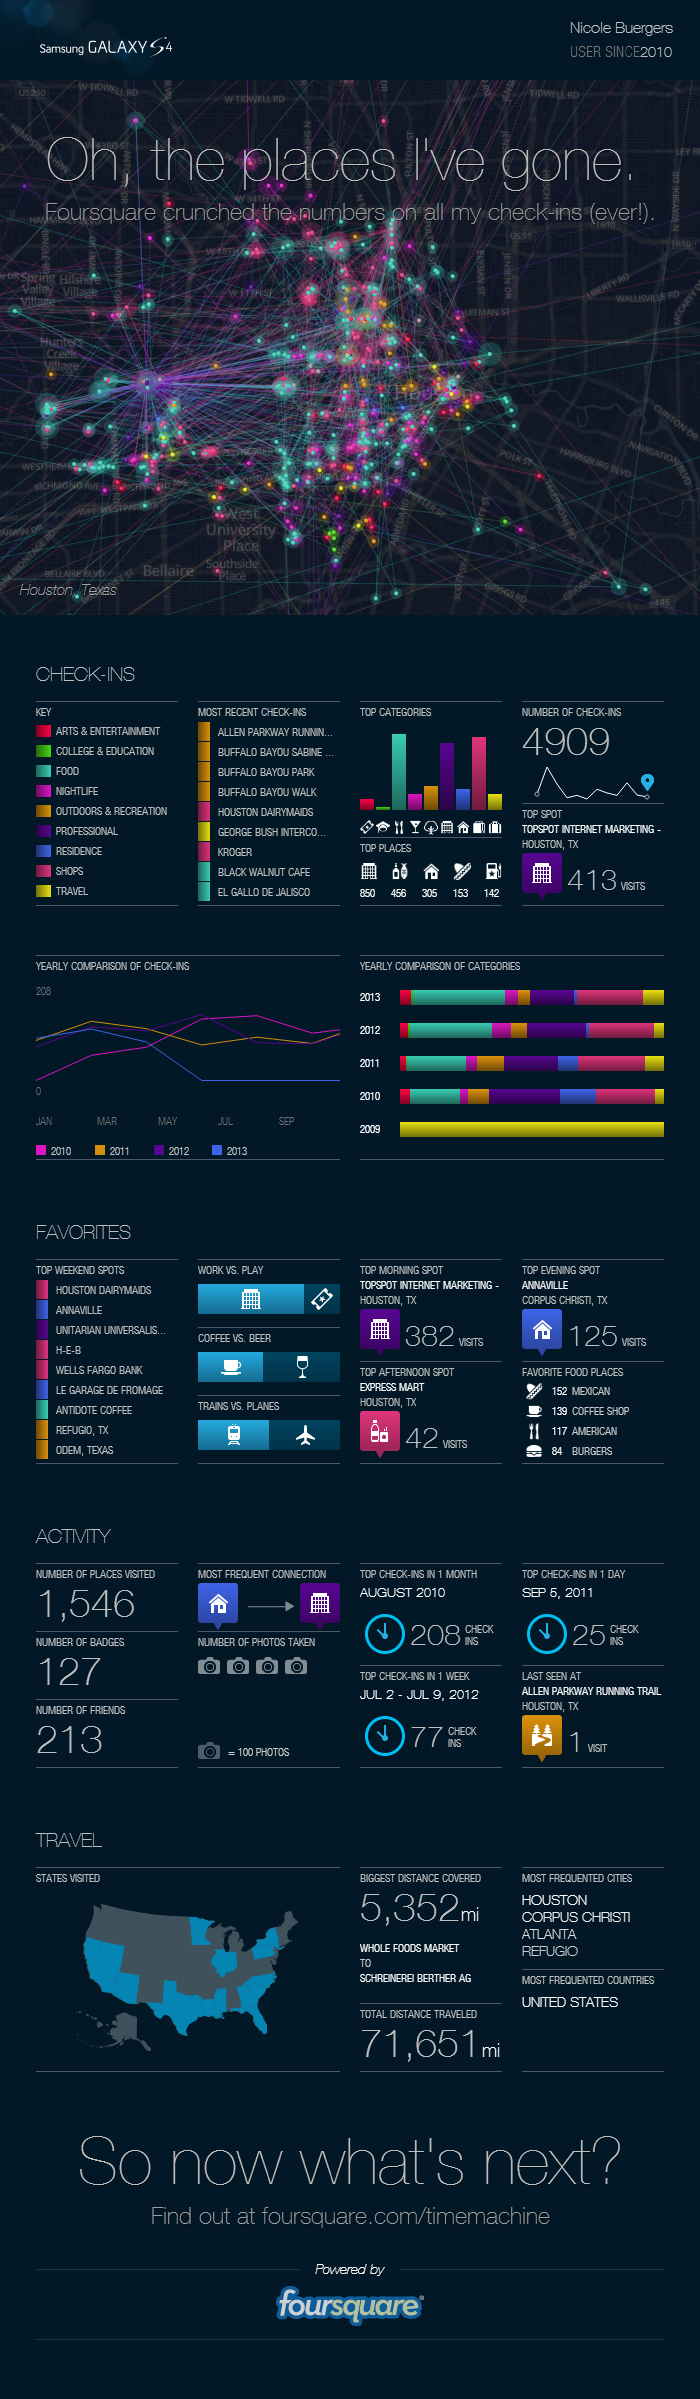 Foursquare Time Machine infographic